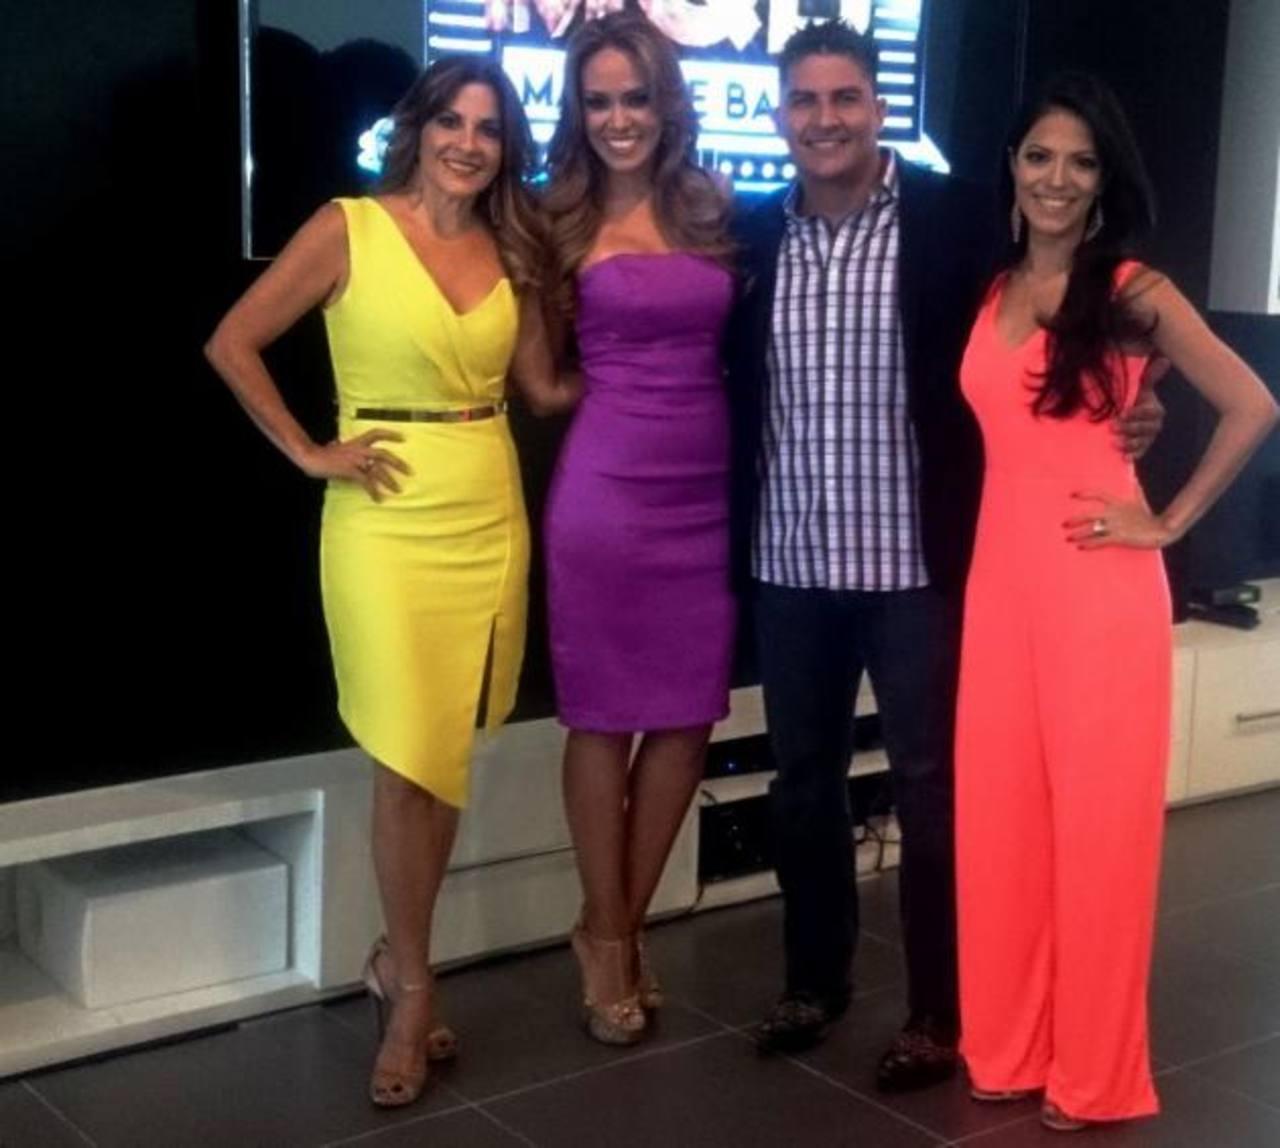 Los jurados del programa Nené de Roeder, Billy Grimaldi y Diana Aranda junto a la conductora Luciana Sandoval.